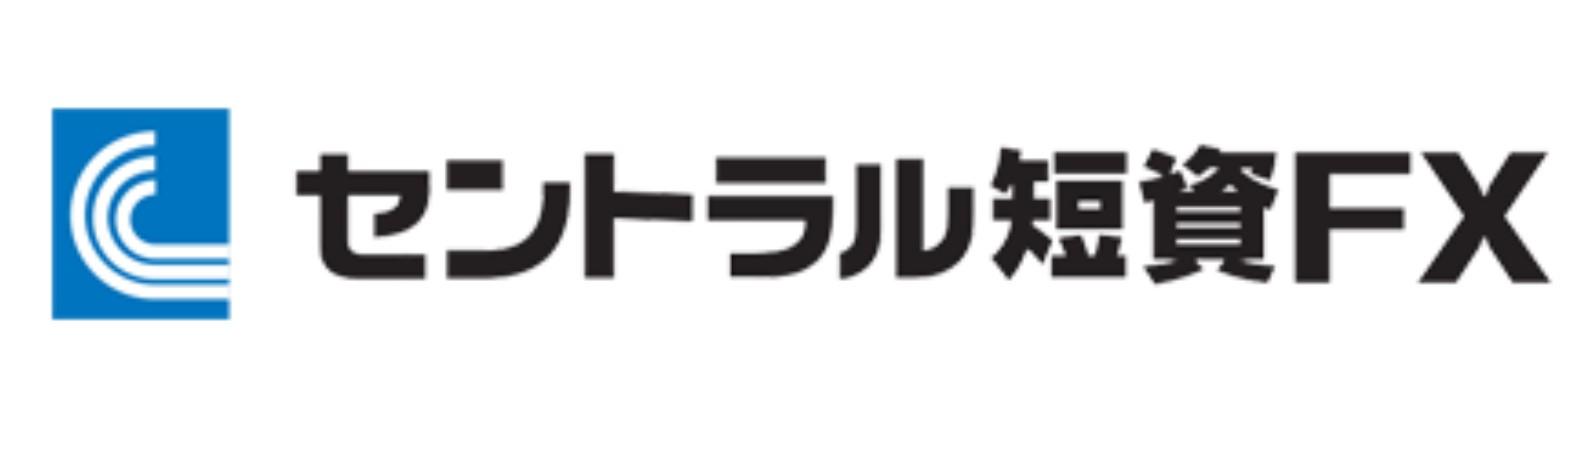 FX_おすすめ_セントラル短資FX